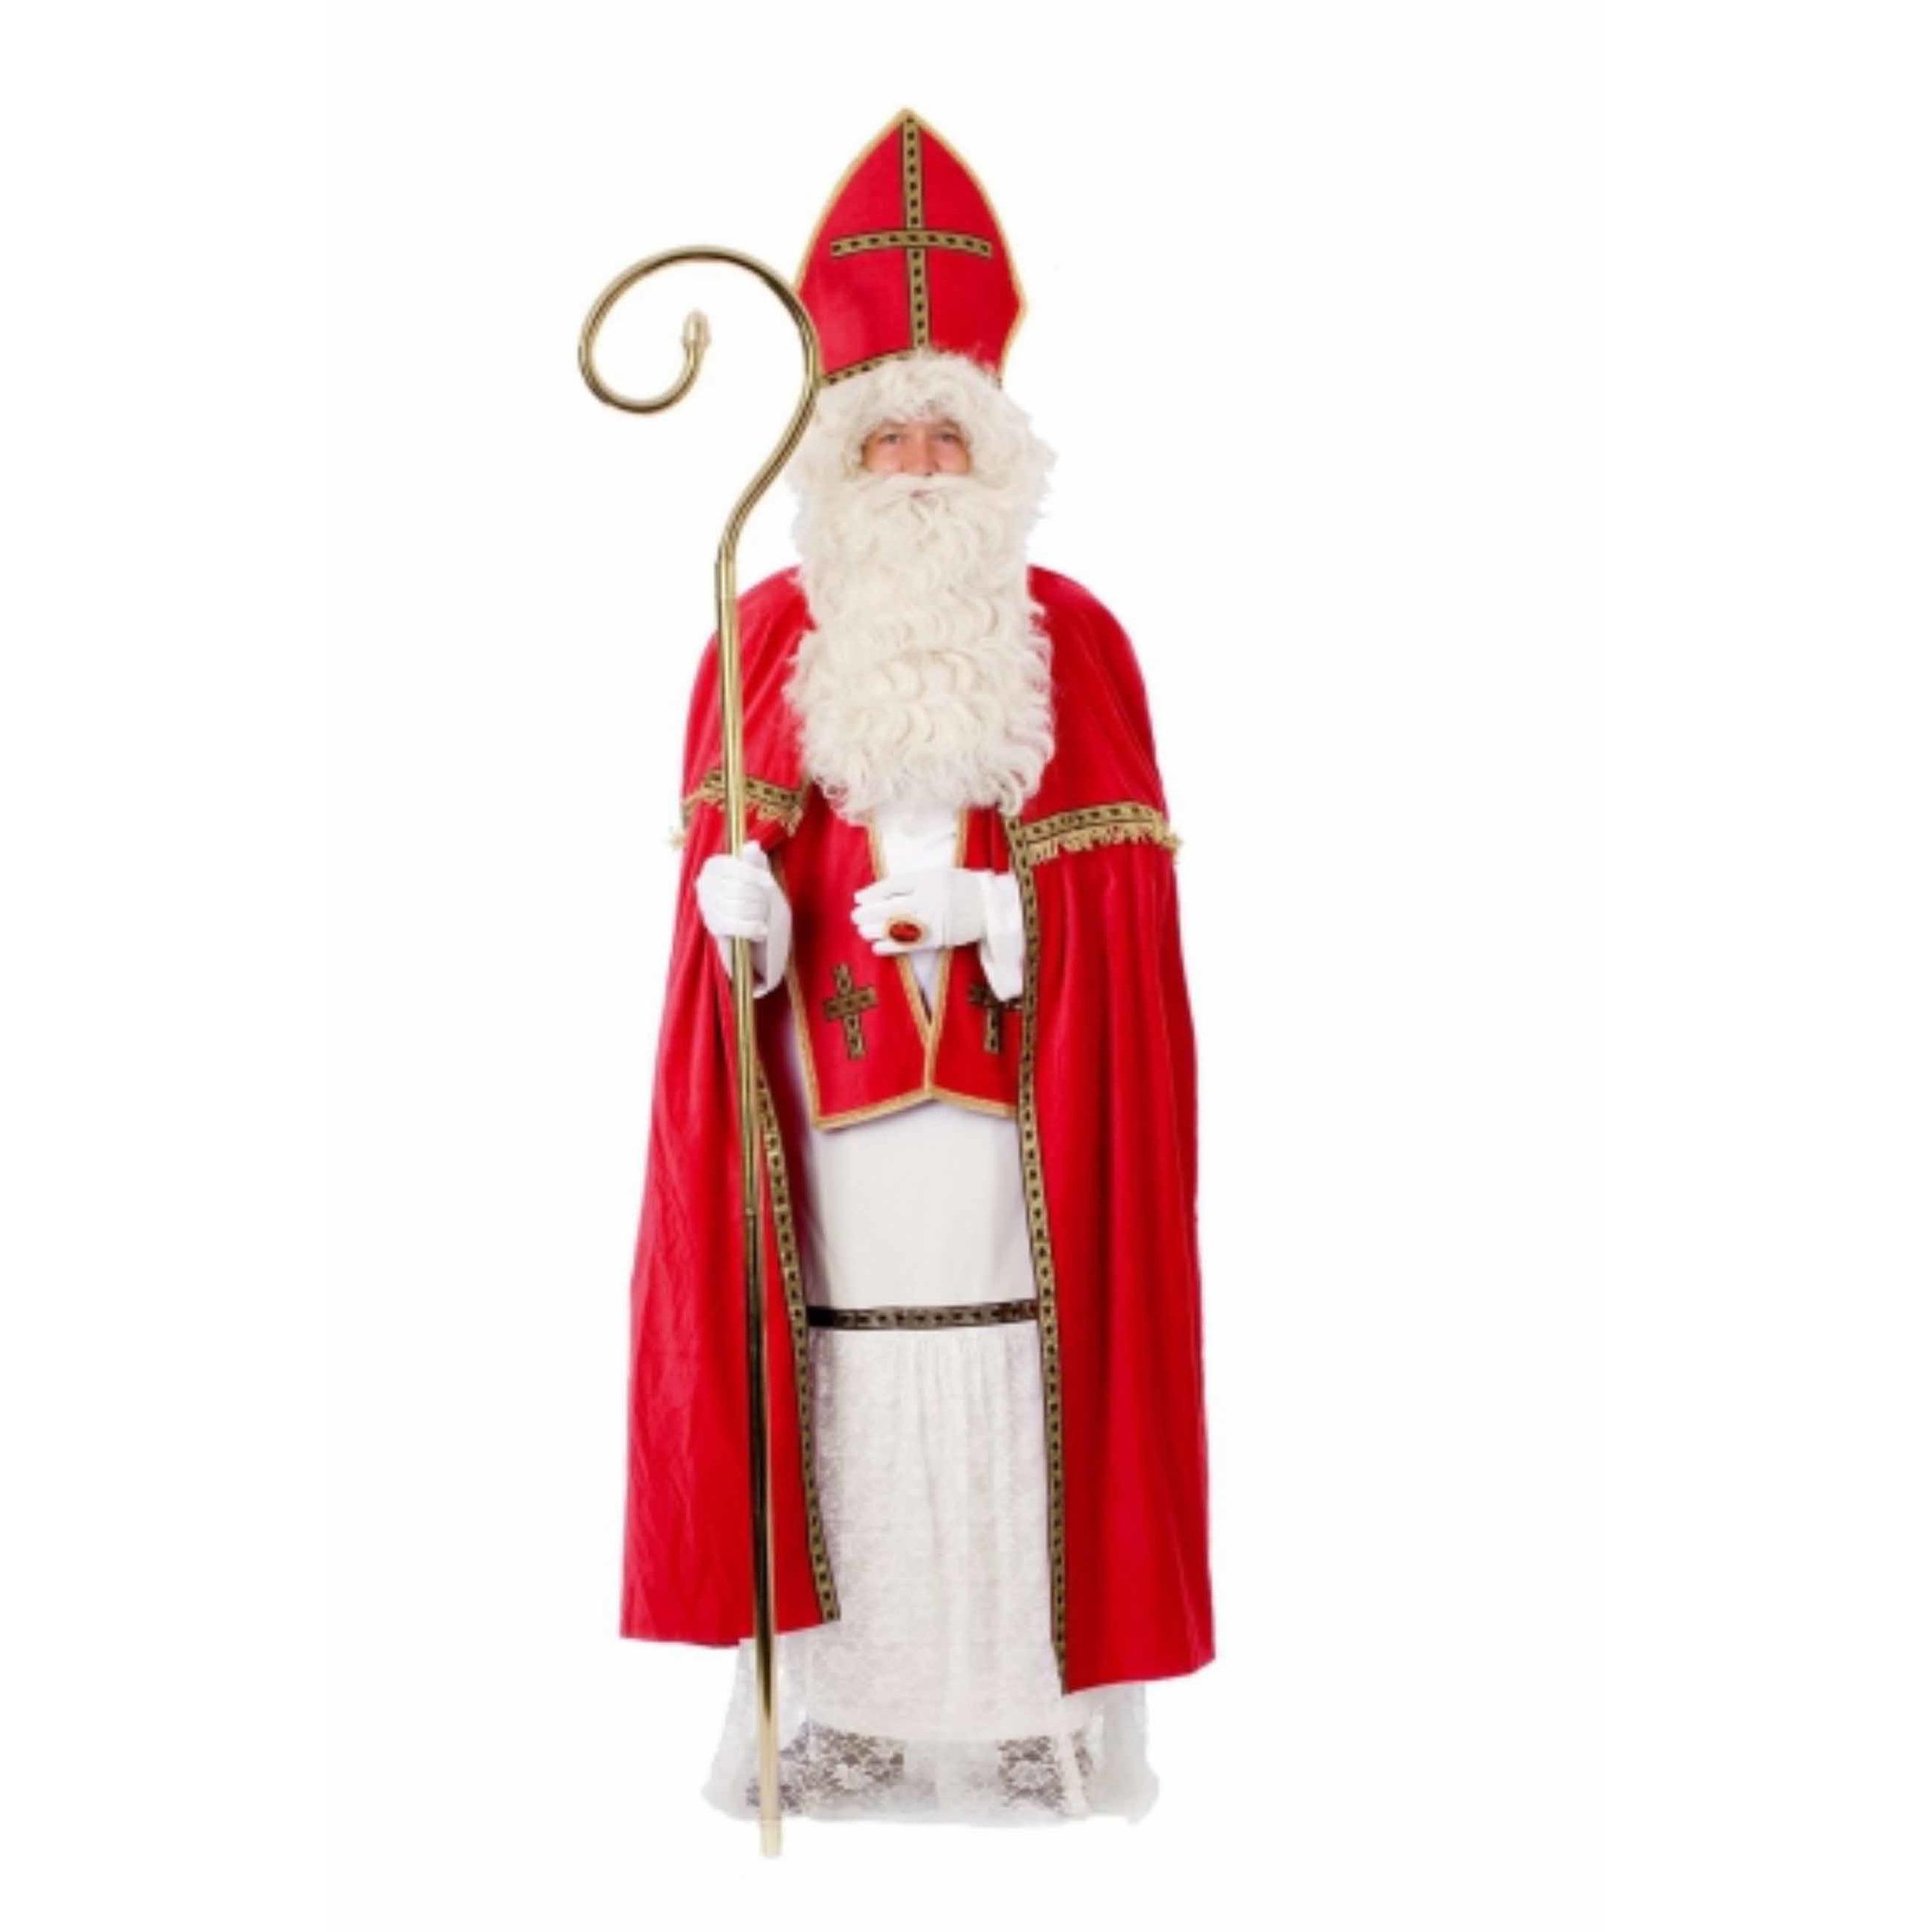 Goedkoop Sinterklaas kostuum